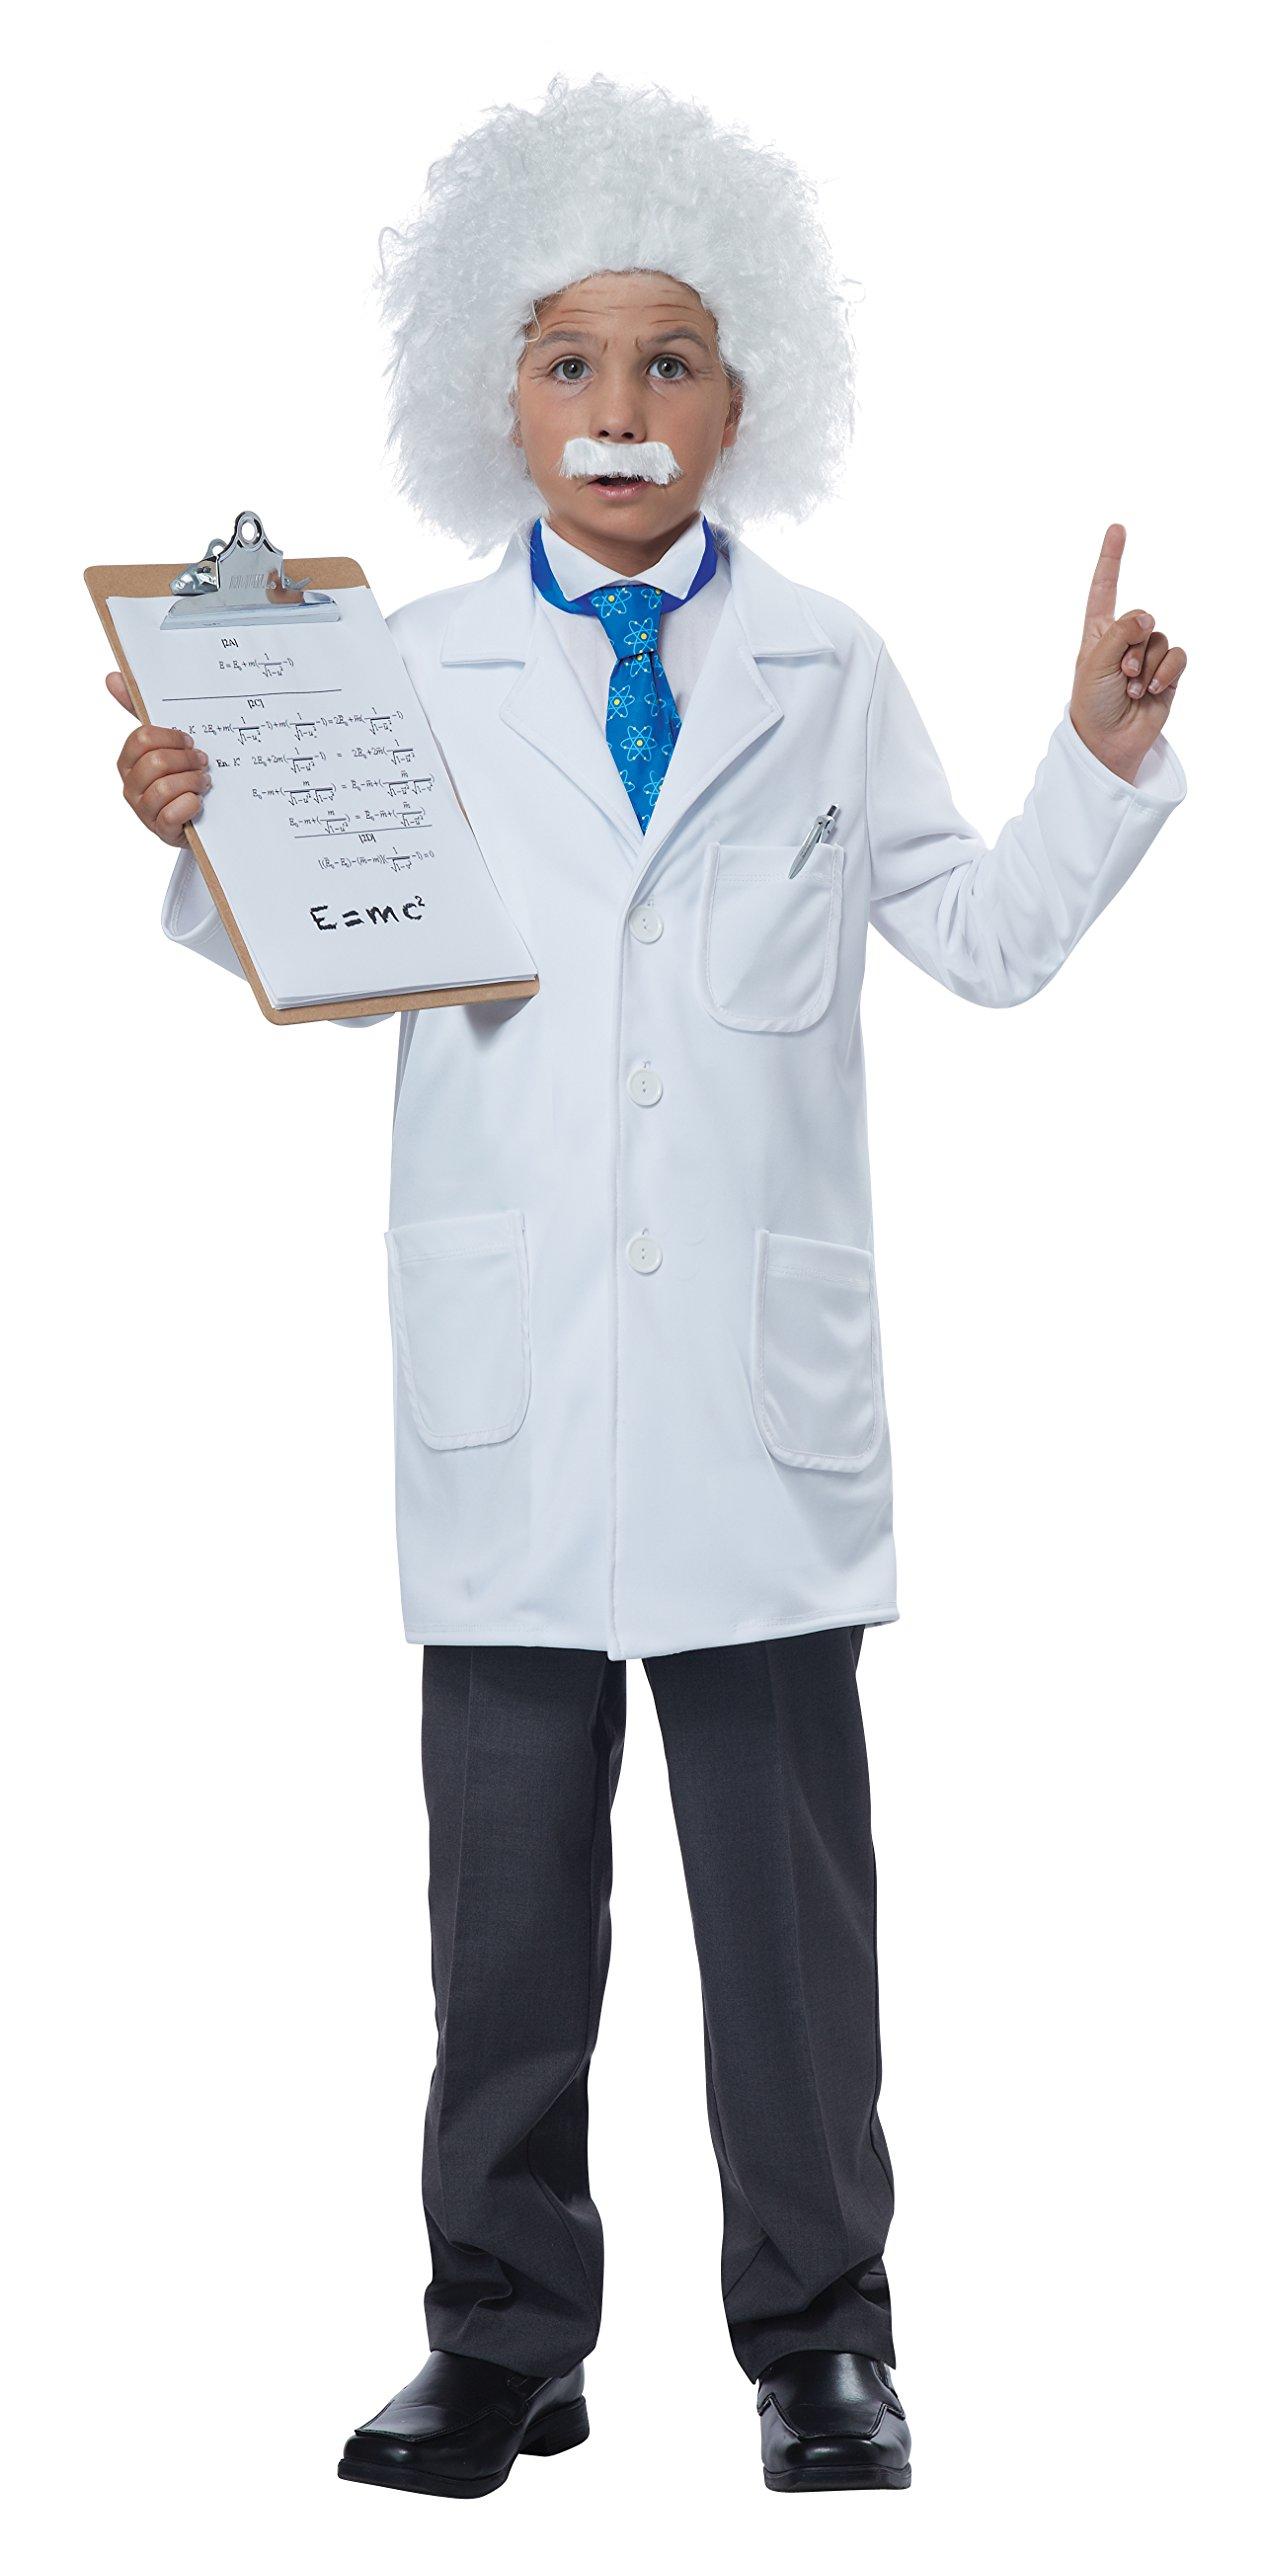 California Costumes Albert Einstein/Physicist Costume, X-Large, White/Blue by California Costumes